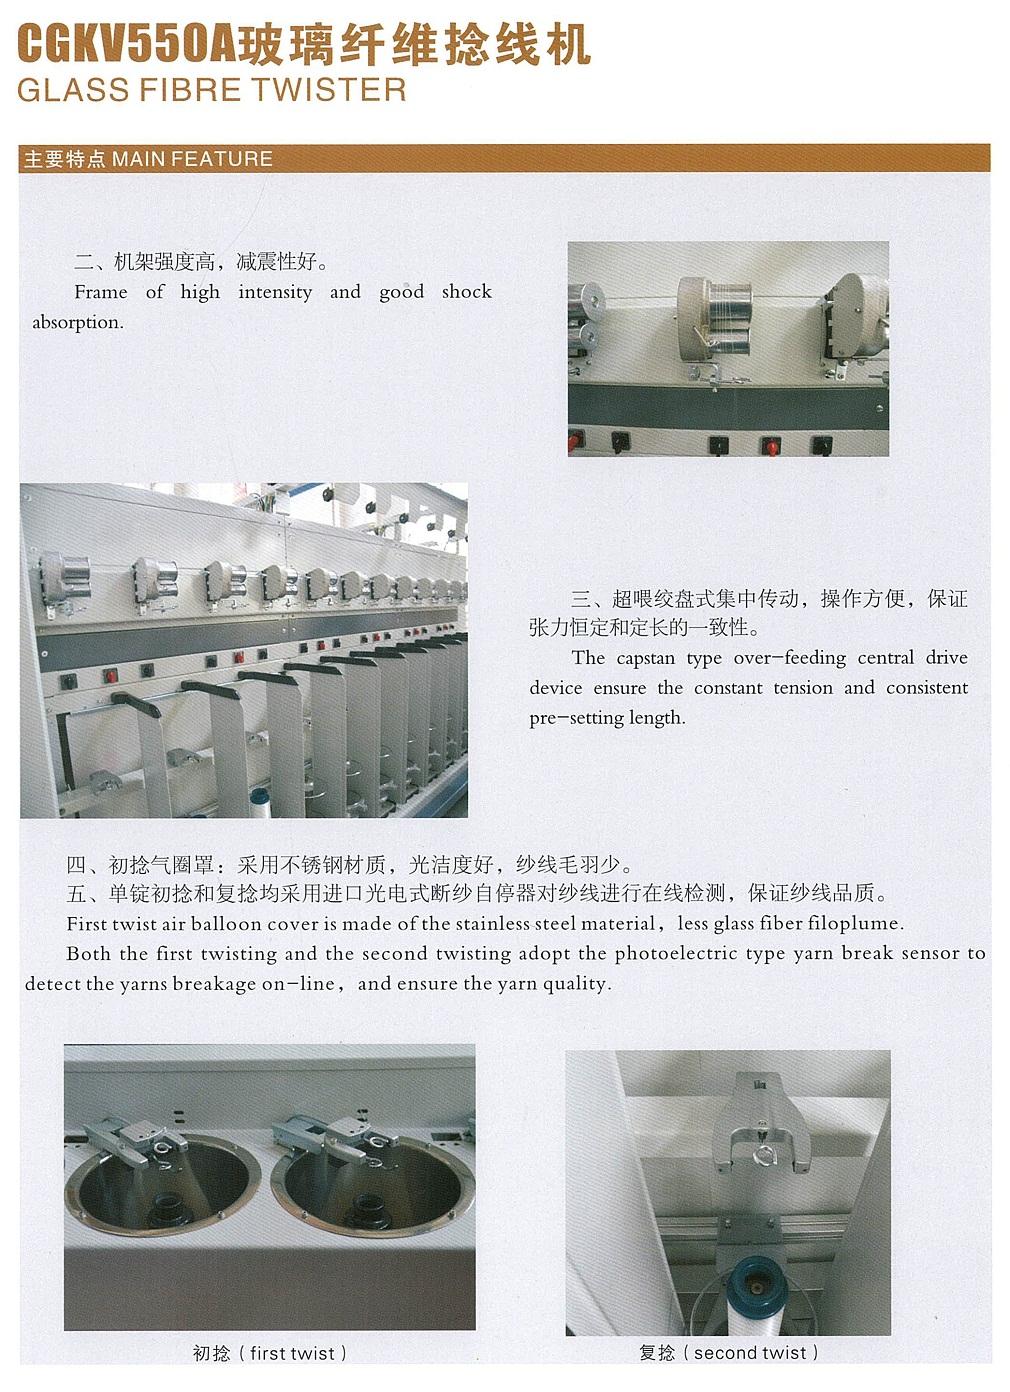 CGKV550A产品详情二